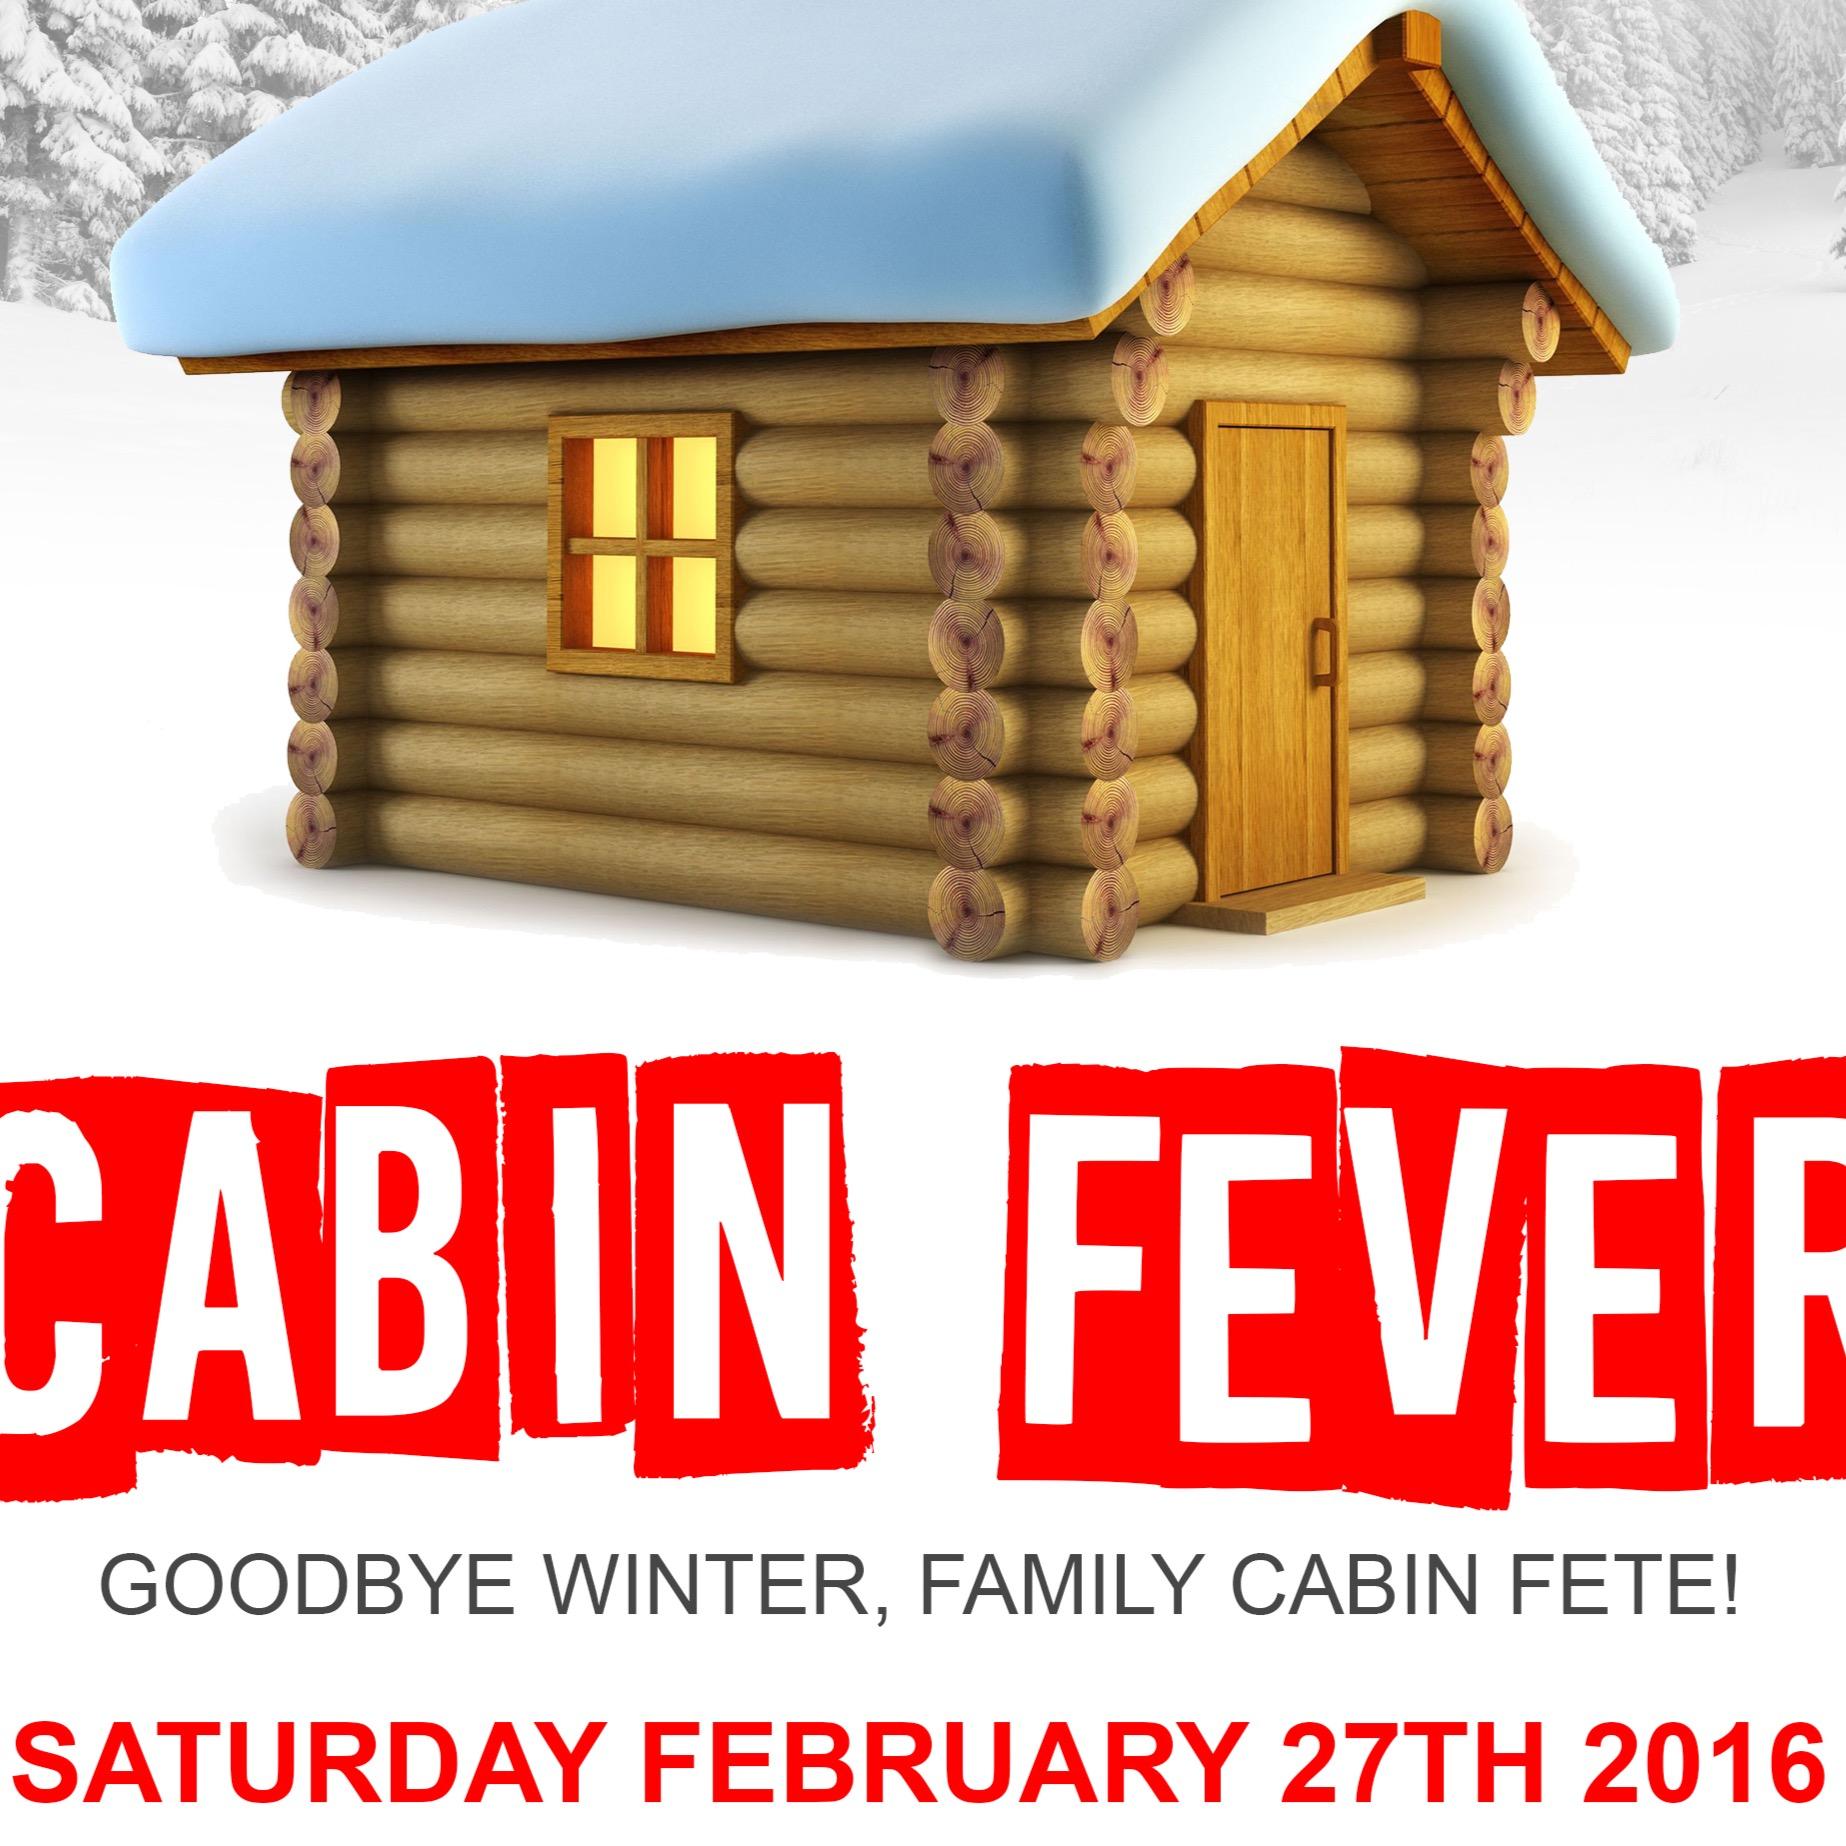 CABIN FEVER  - GOODBYE WINTER FAMILY CABIN FETE